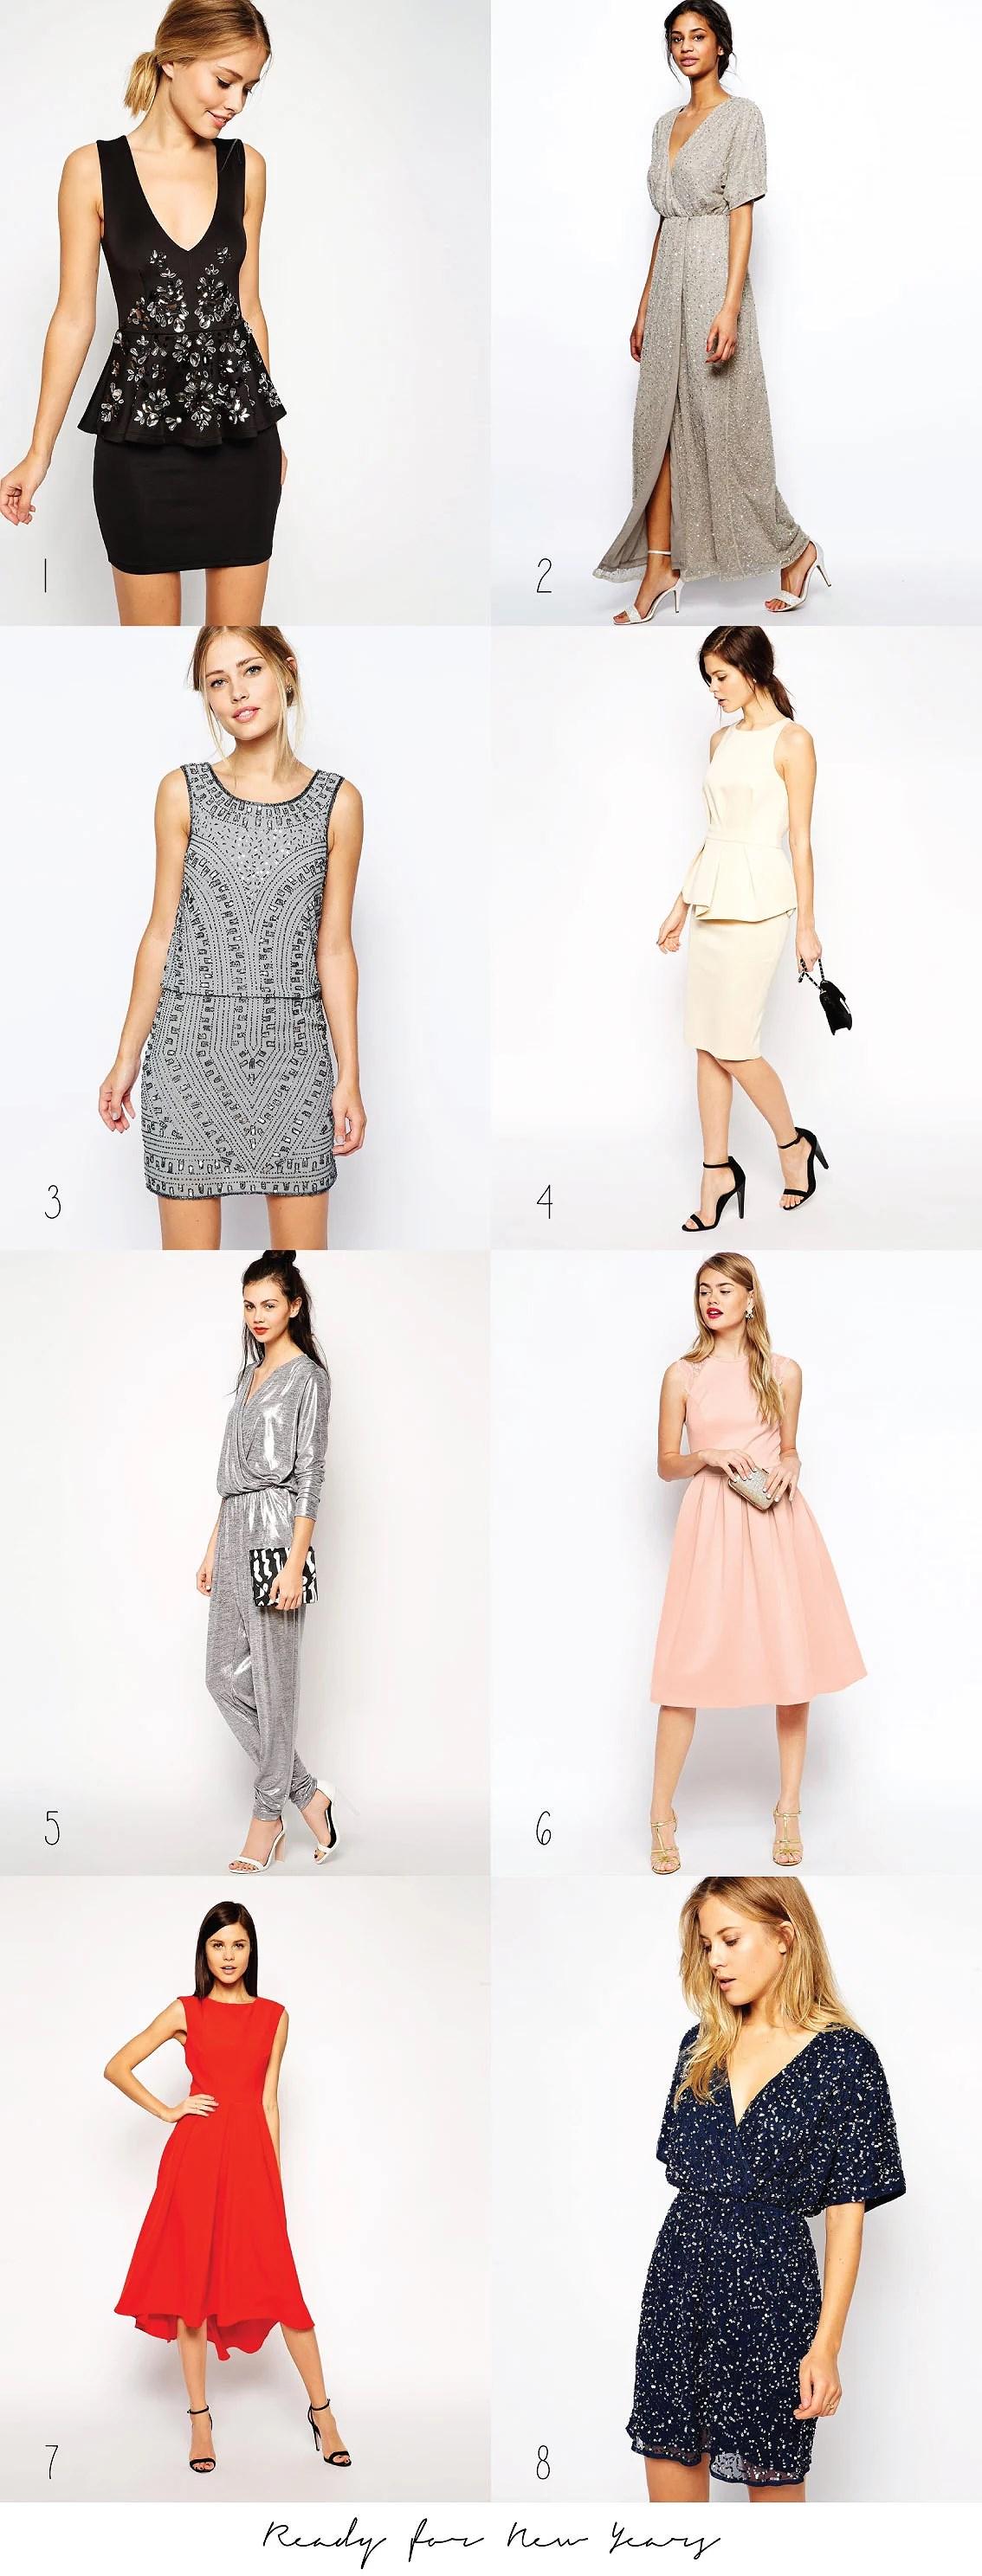 It's My Passions, modeblogger, Julie Mænnchen, Nytårskjoler, Flotte nytårskjoler